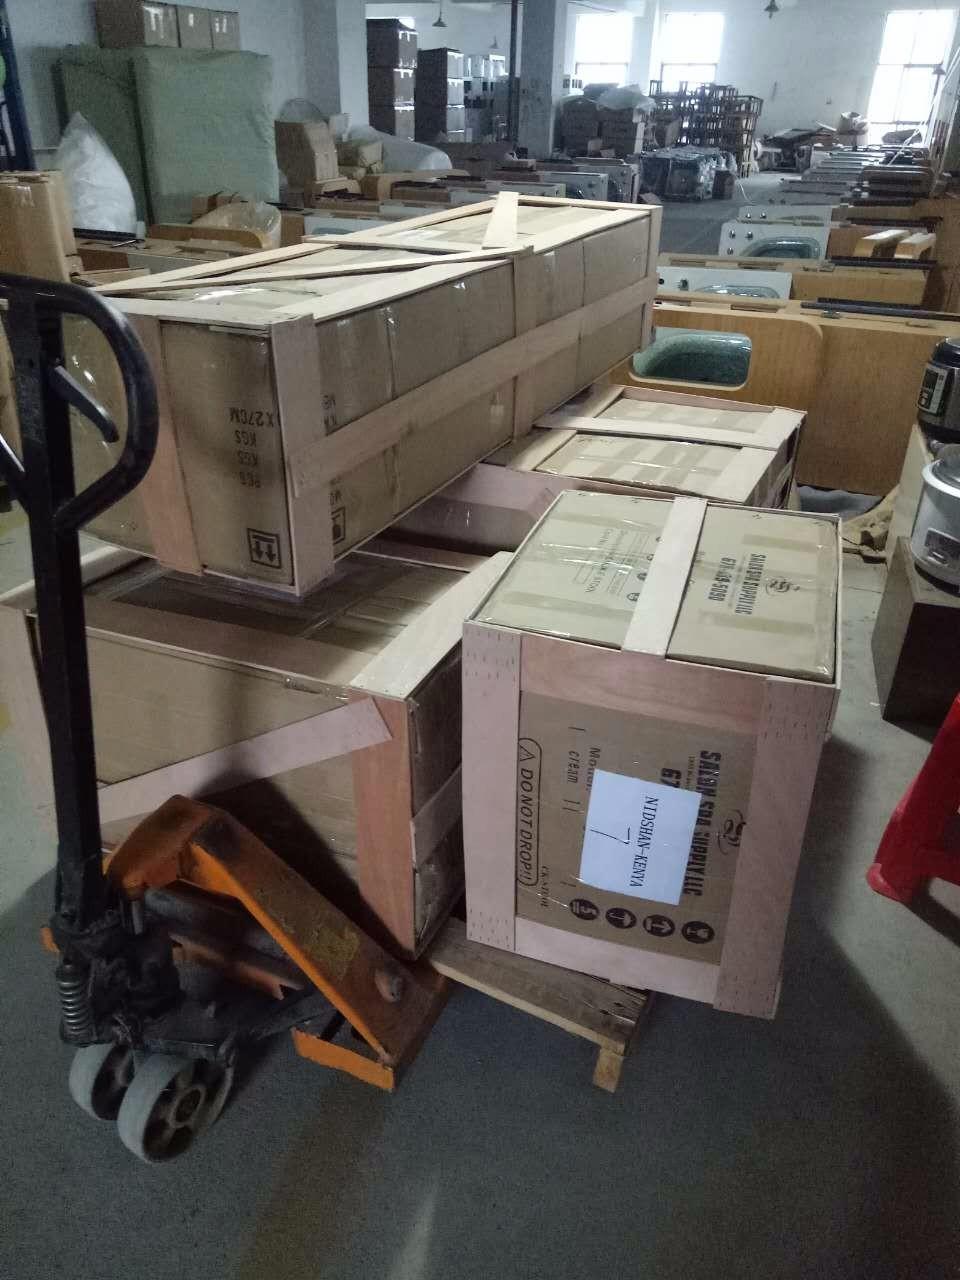 高品質男理髪椅子油圧ヴィンテージ理容椅子ヘアーヘアサロン家具使用 CB-BC001